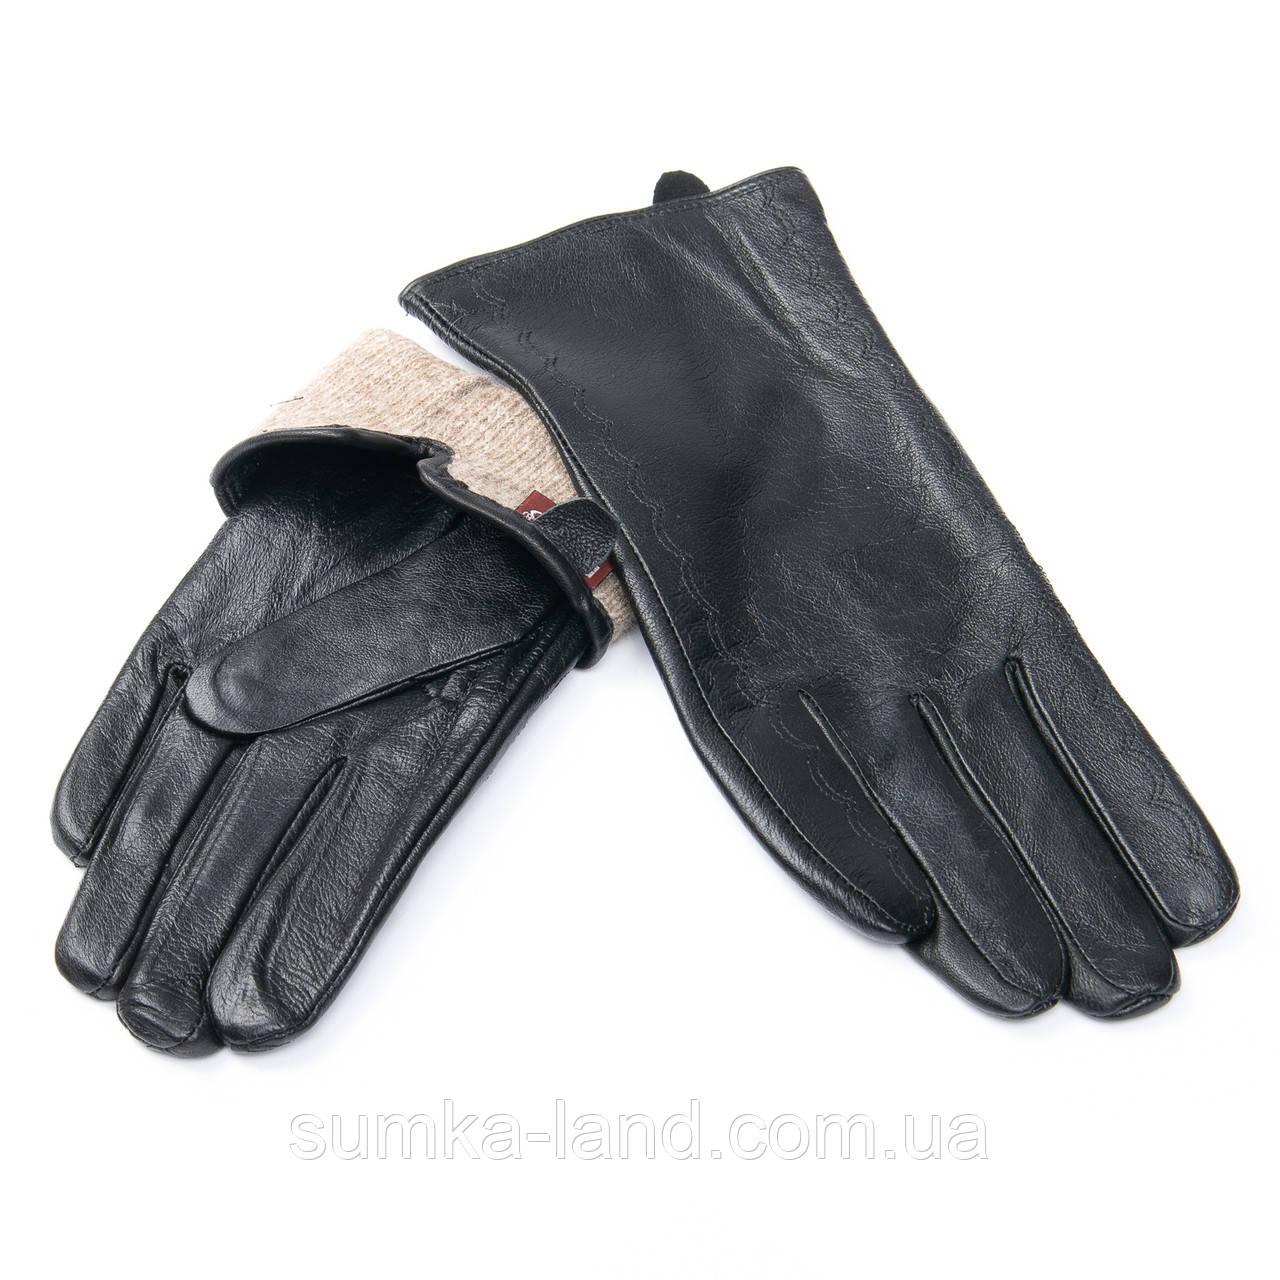 Женские черные кожаные перчатки с шерстяной подкладкой